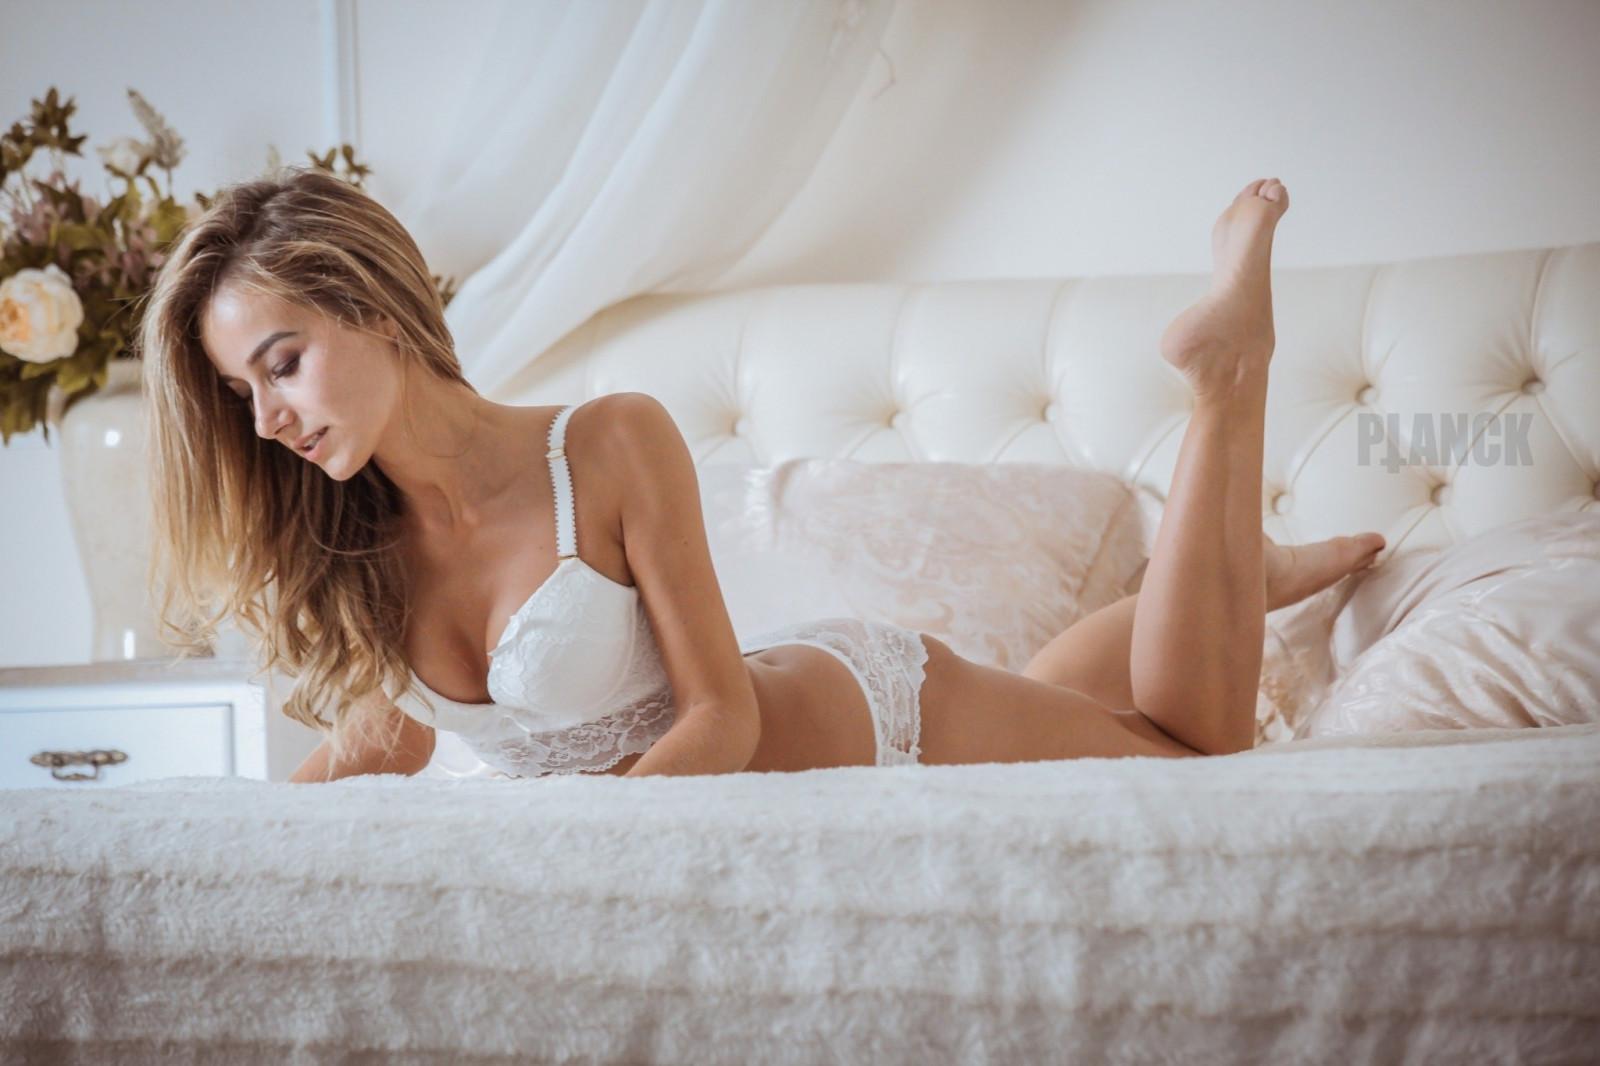 Blonde girl in bed